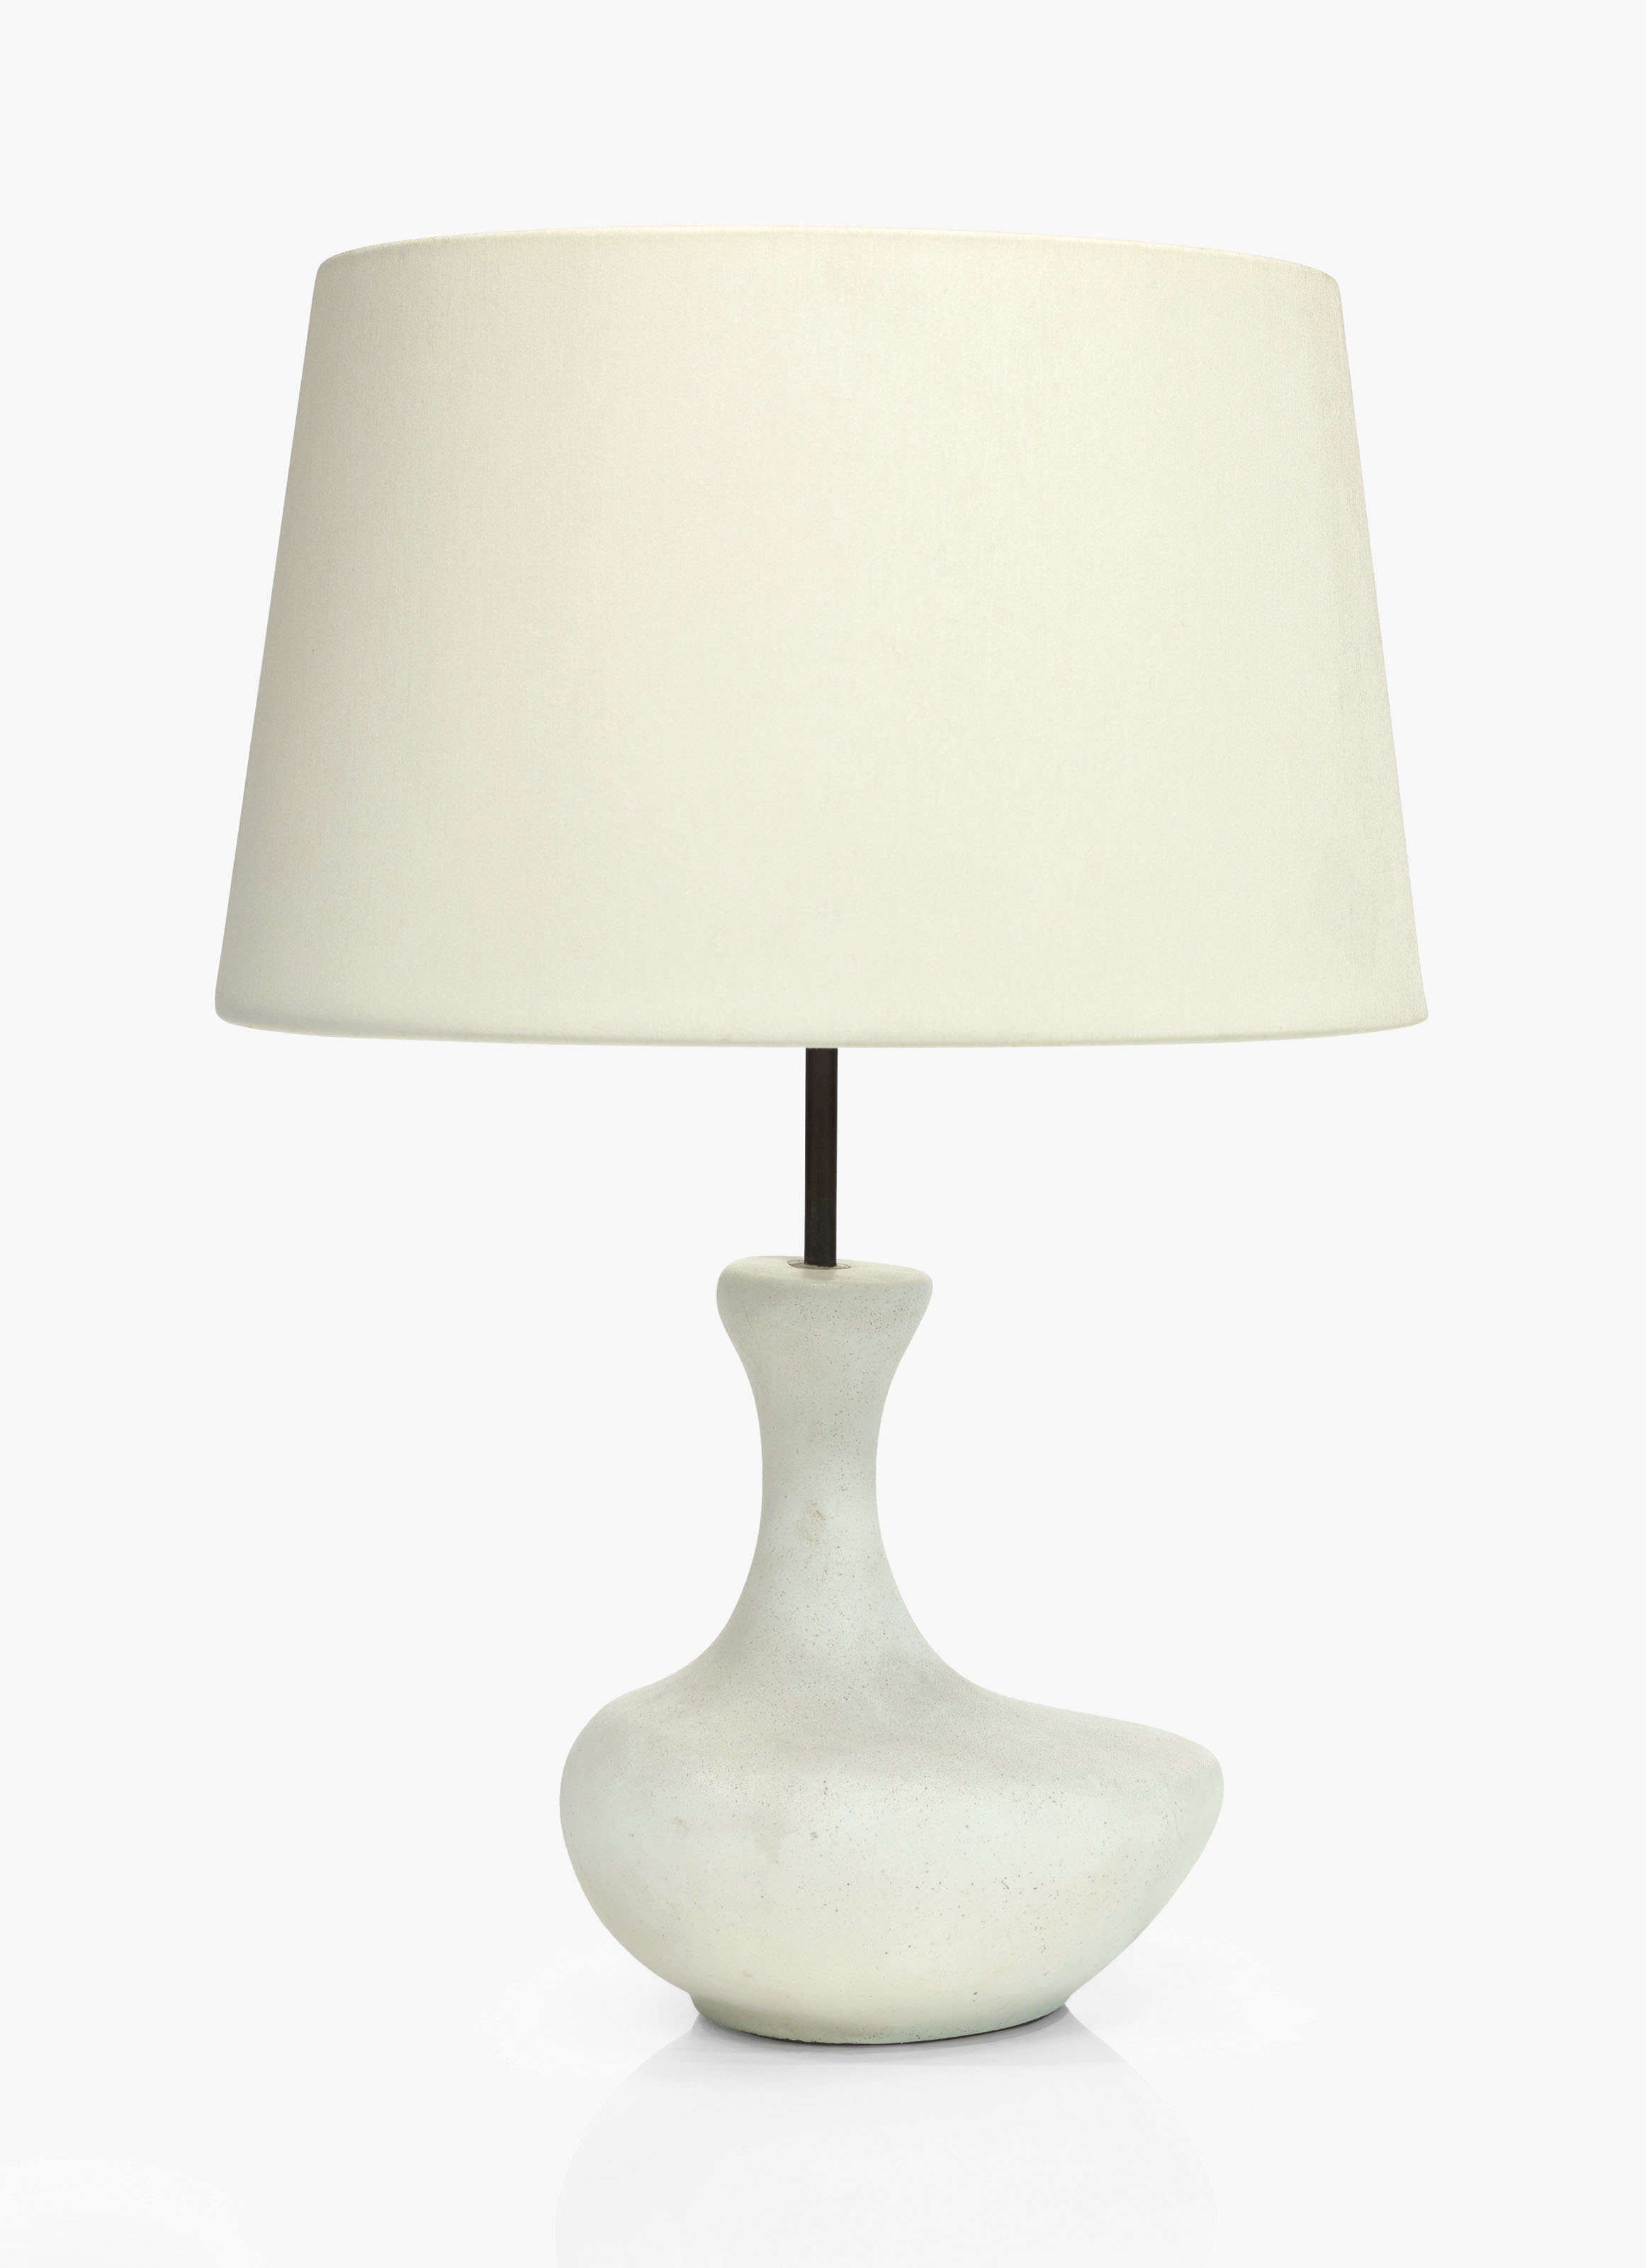 Georges Jouve 1910 1964 Lampe De Table Vers 1956 1950s Lamp